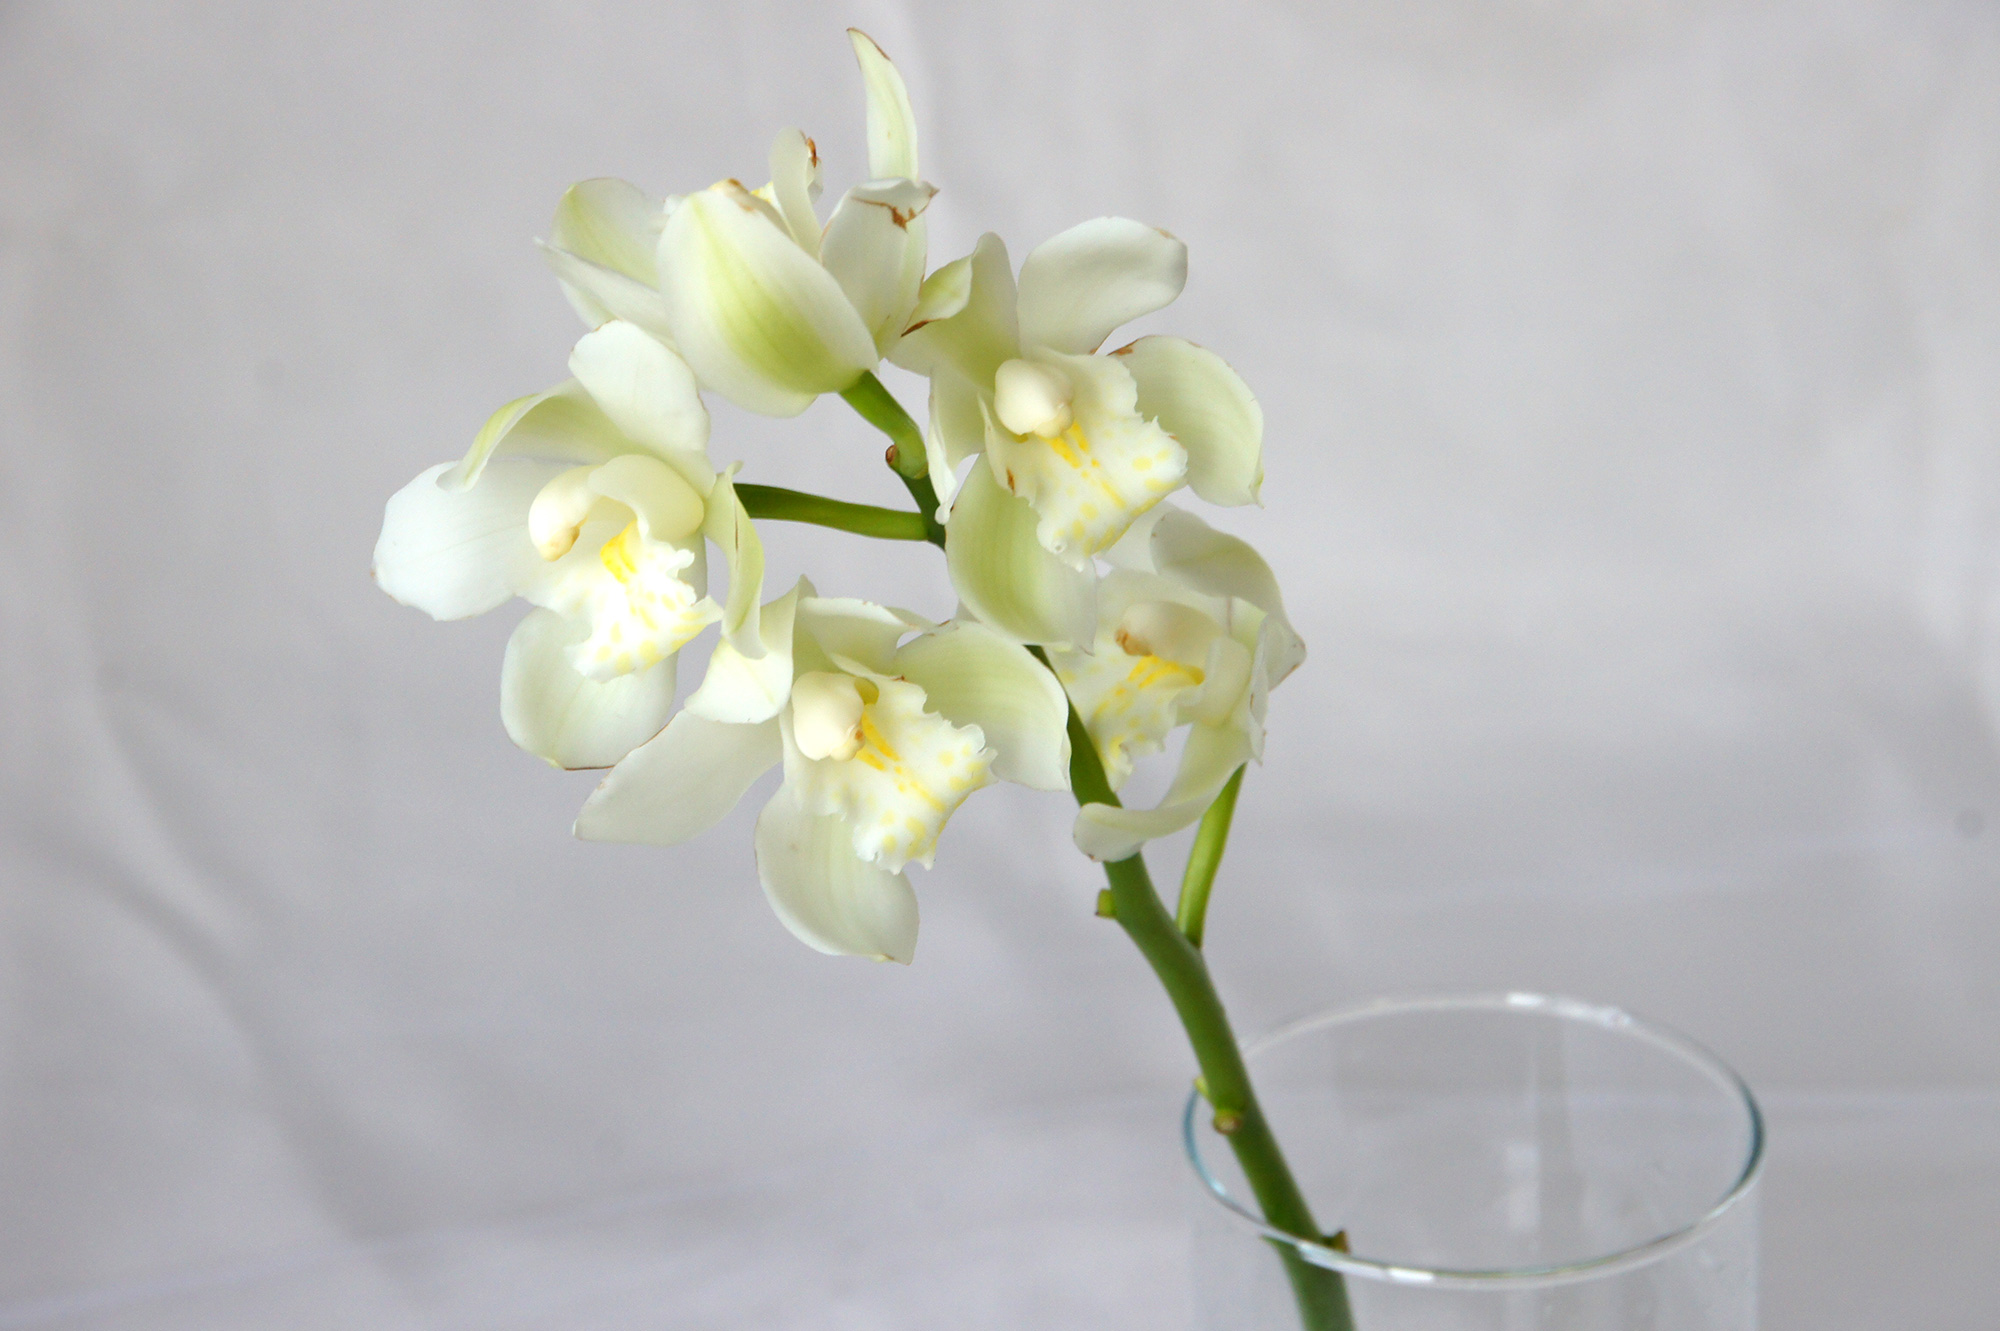 花瓶に入ったシンビジウムの花